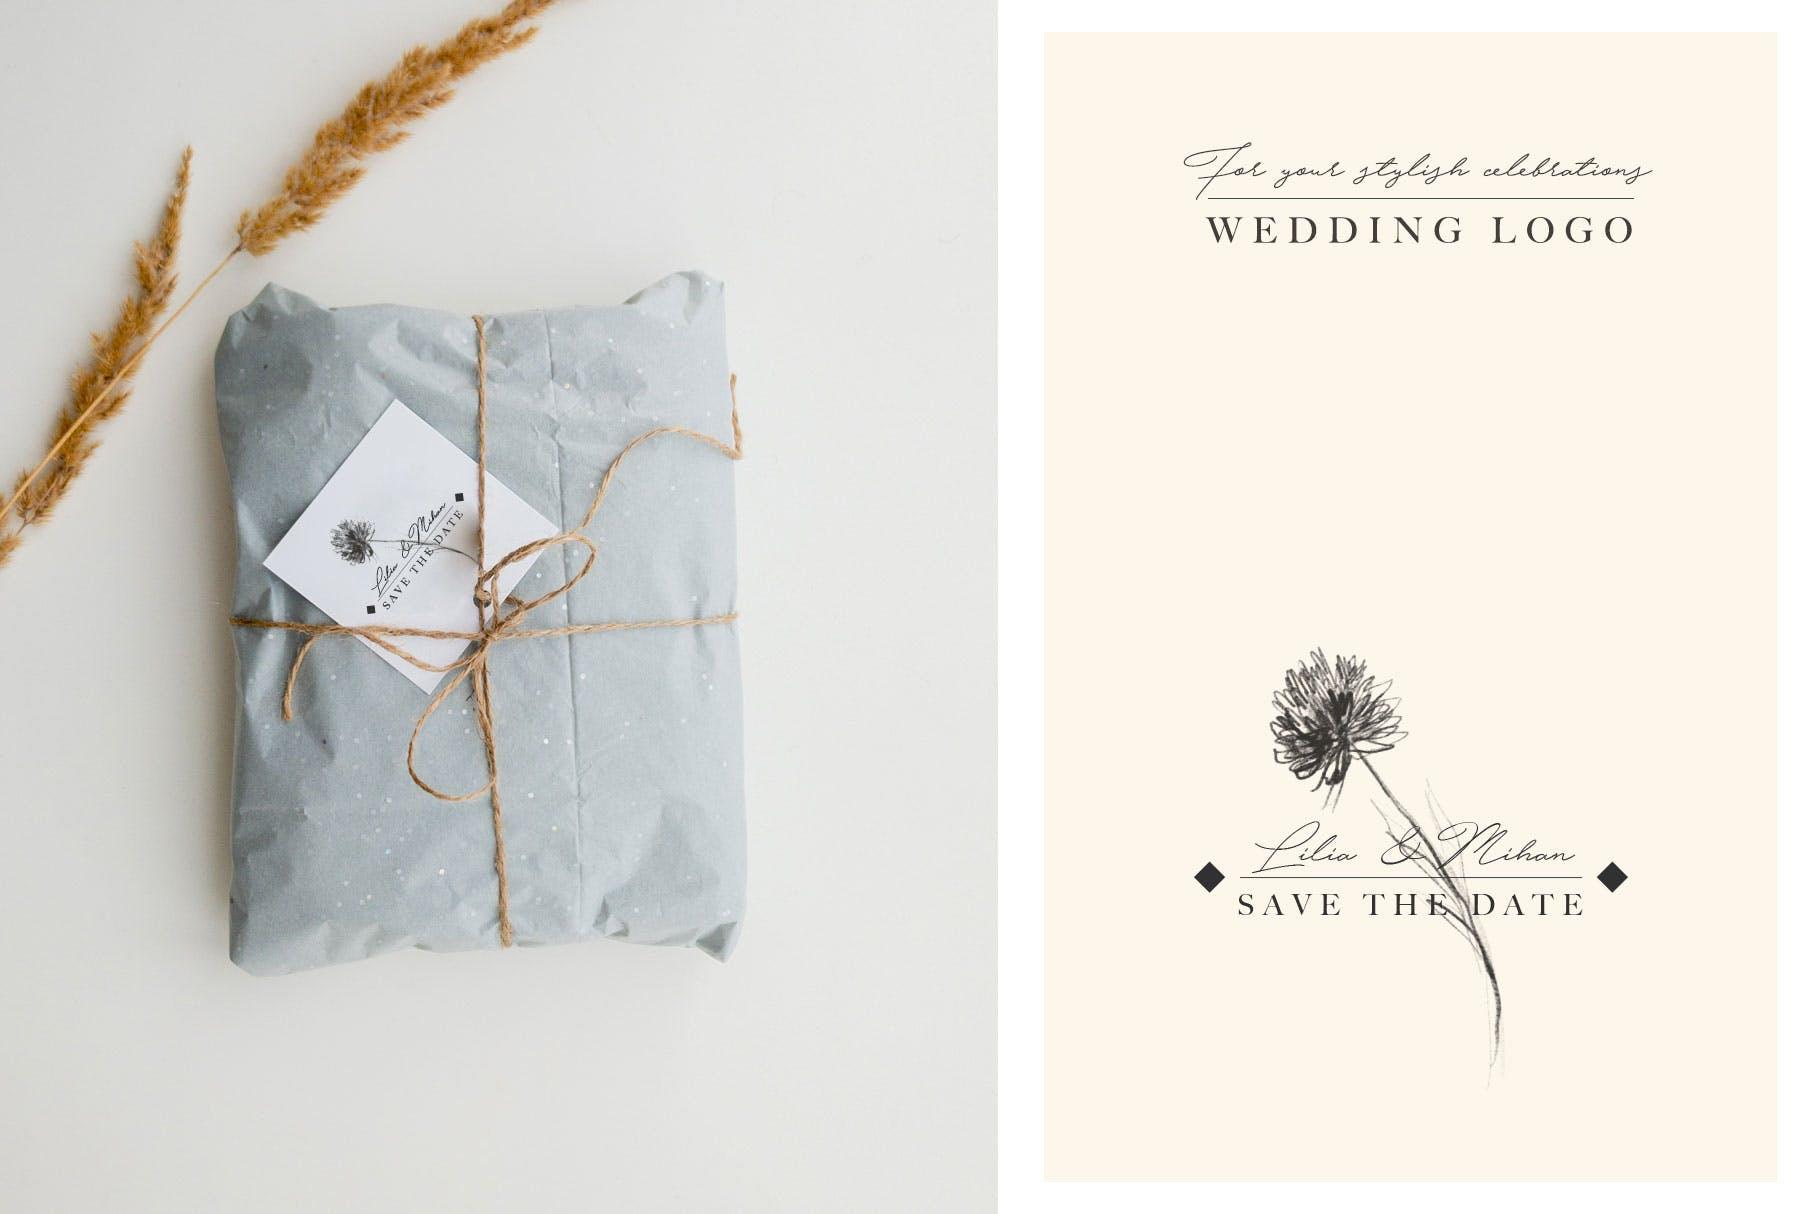 优秀的石墨仿铅笔图形组图案花纹素材Wedding Graphic Logo Pencil Flower插图(2)